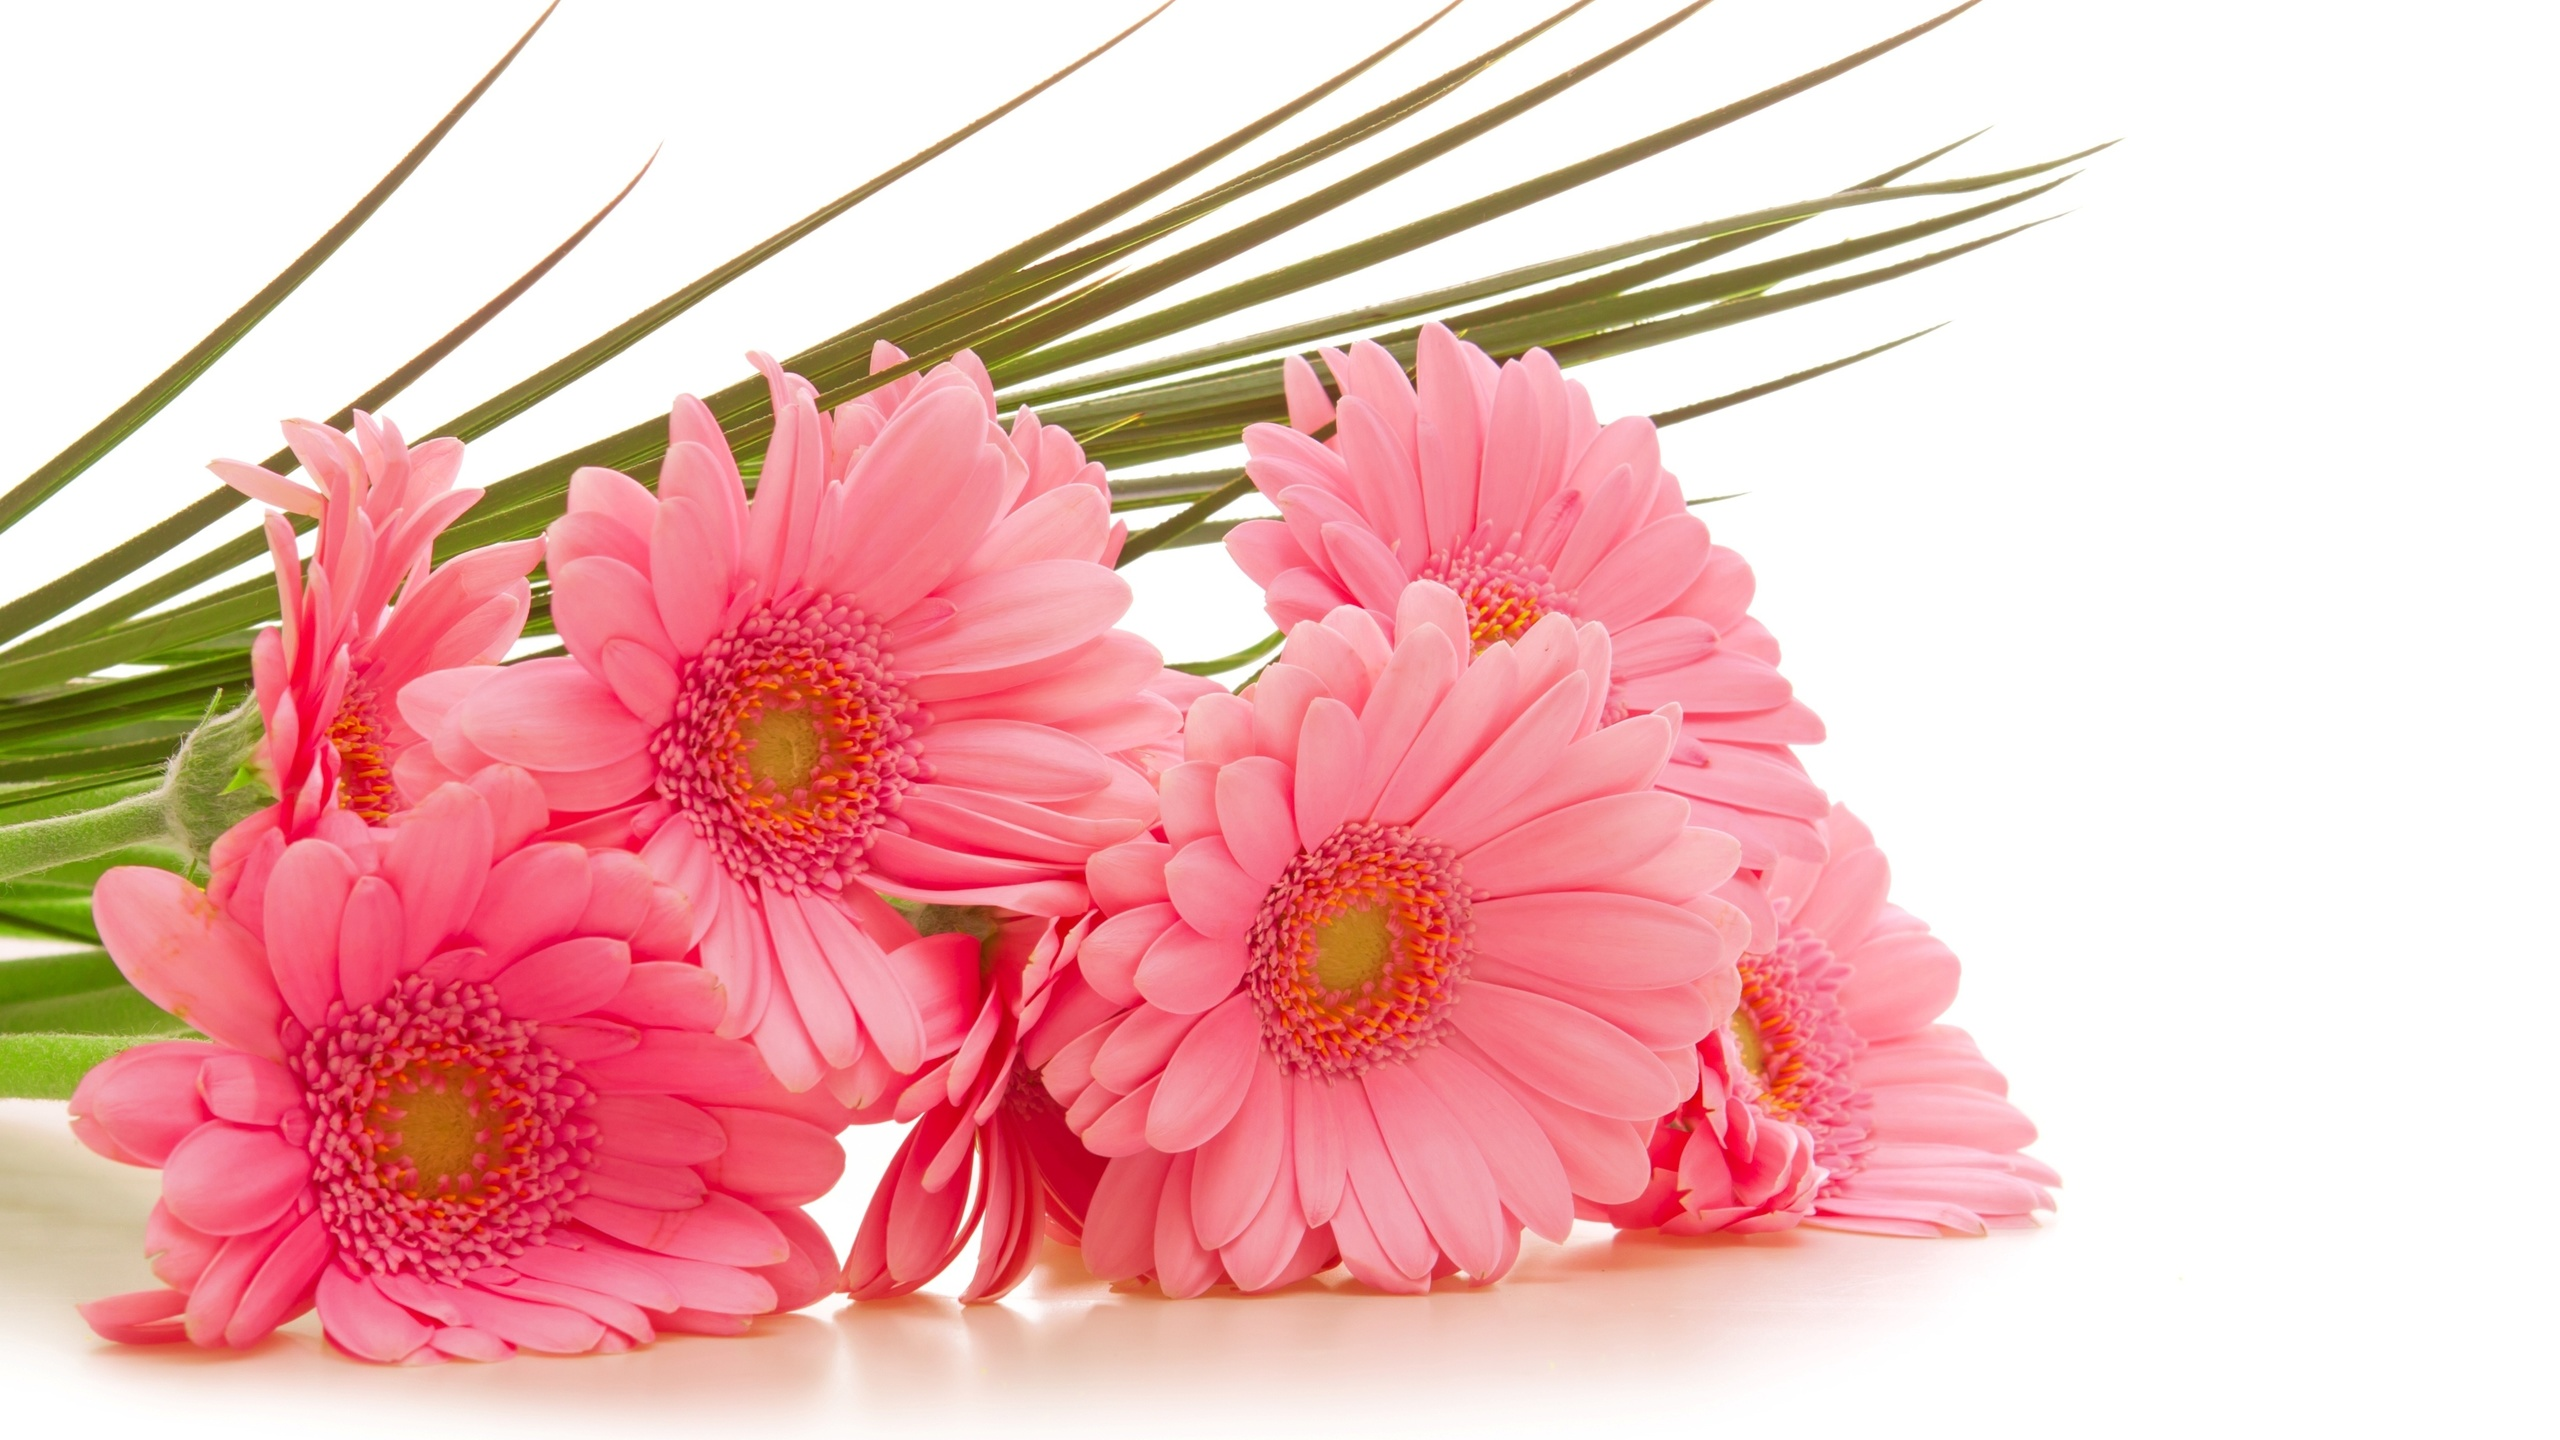 Поздравительные открытки цветы на день рождения, анимационная открытка